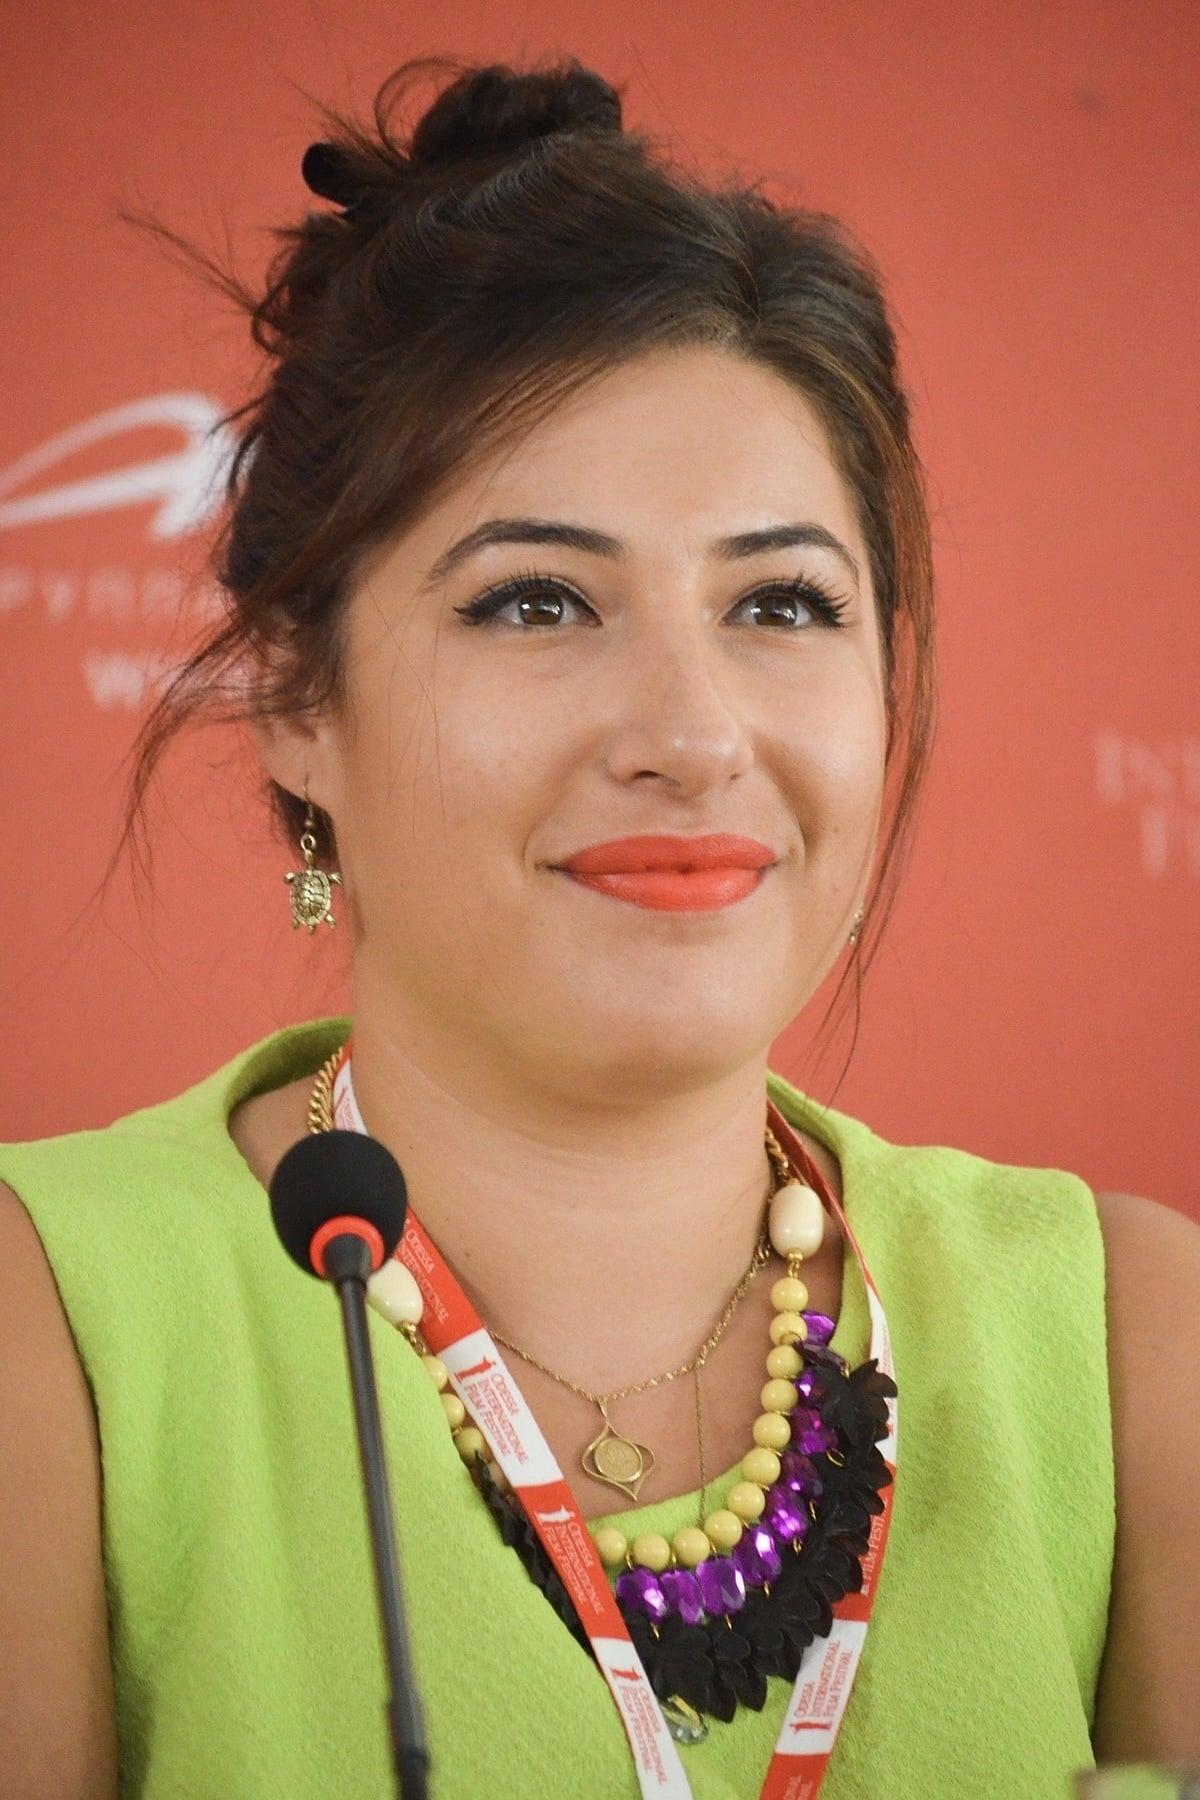 Shani Klein